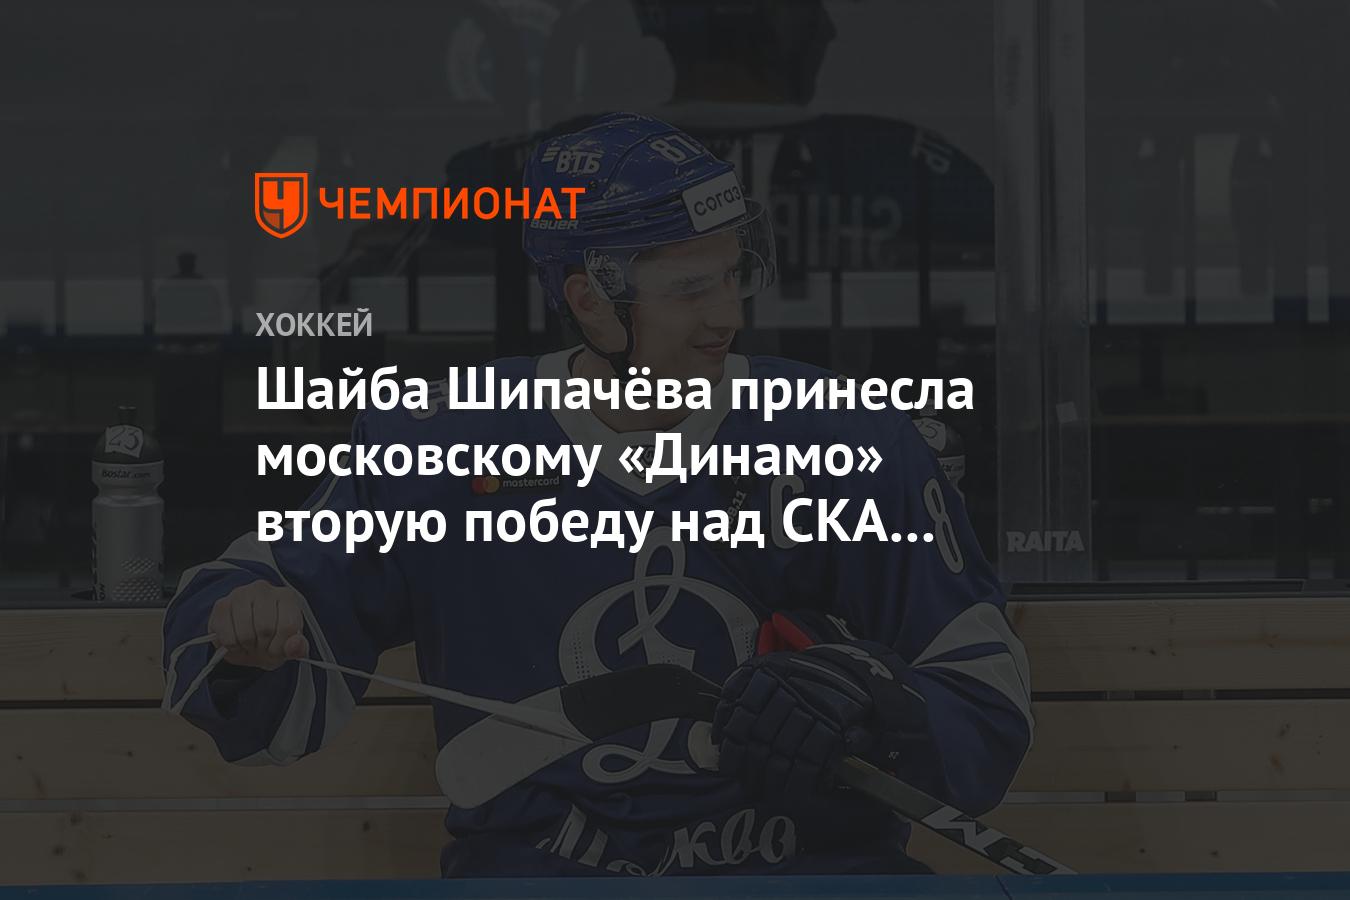 Шайба Шипачев Вадим Александрович принесла московским «Динамо» вторую победу над СКА в сезоне